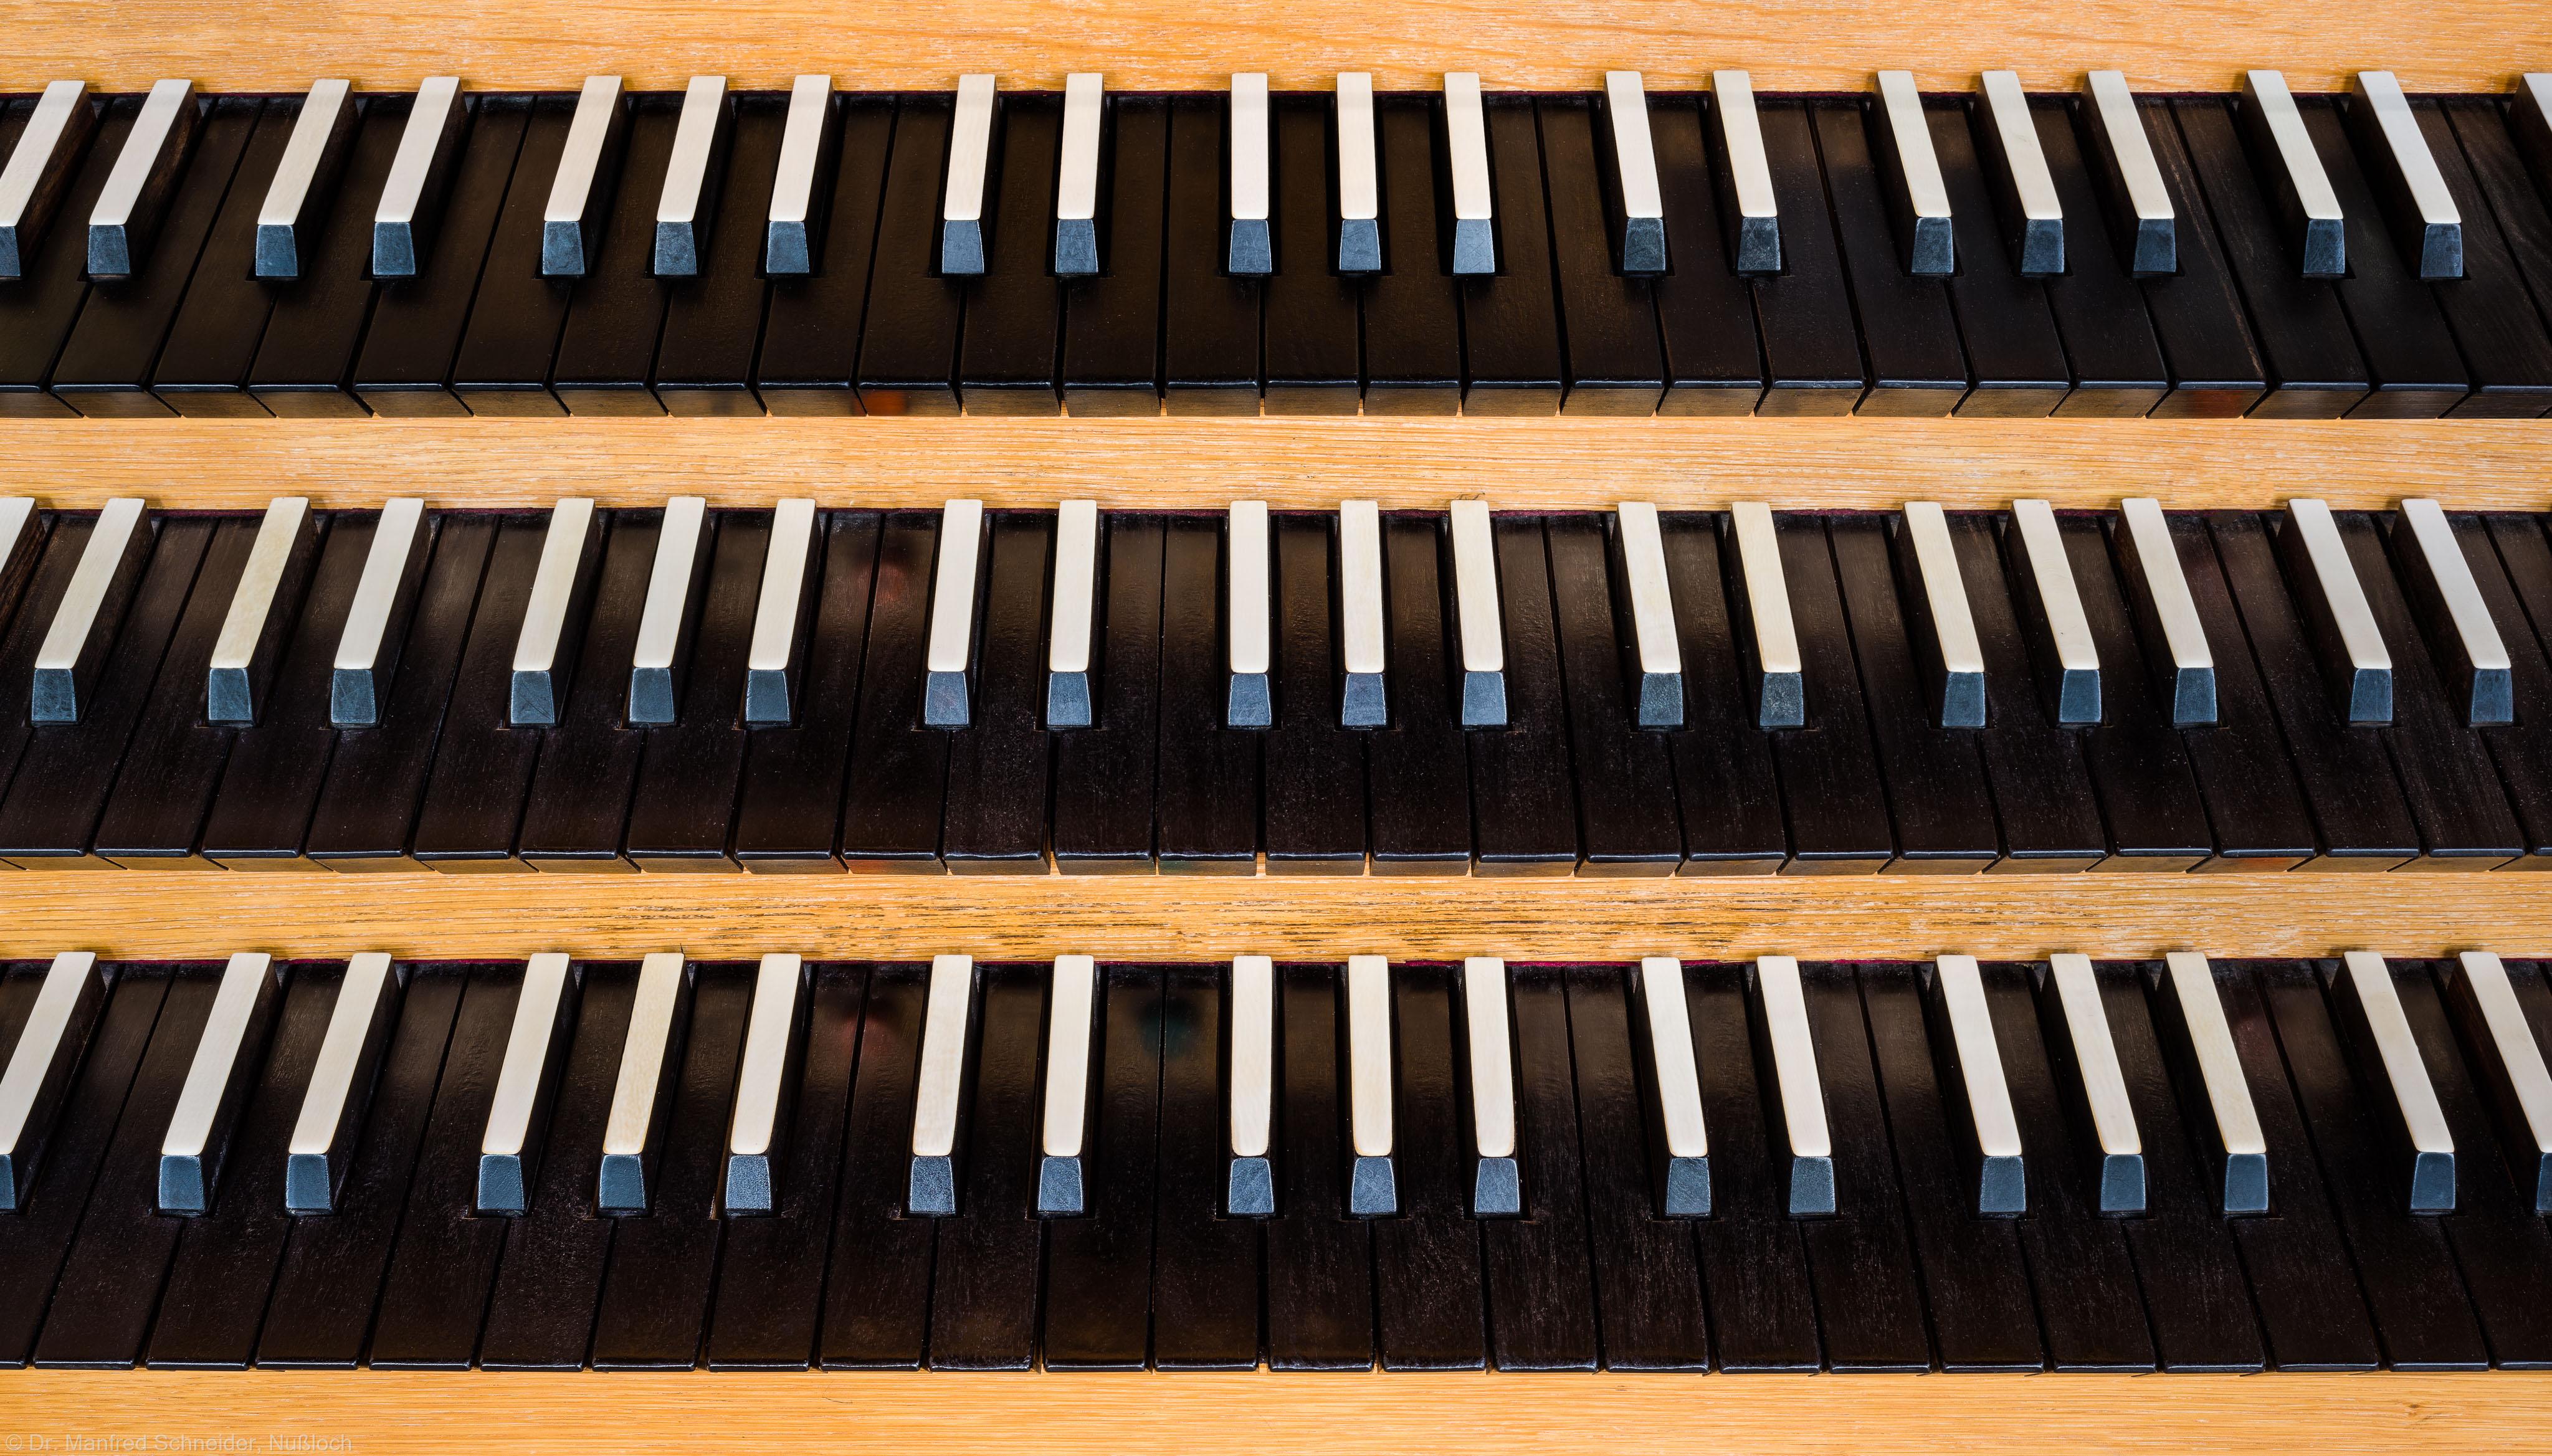 Heidelberg - Heiliggeistkirche - Chor - Hauptorgel - Blick auf die Manuale der Chororgel, erbaut von Steinmeyer 1980 bis 1993 (aufgenommen im September 2014, am späten Nachmittag)